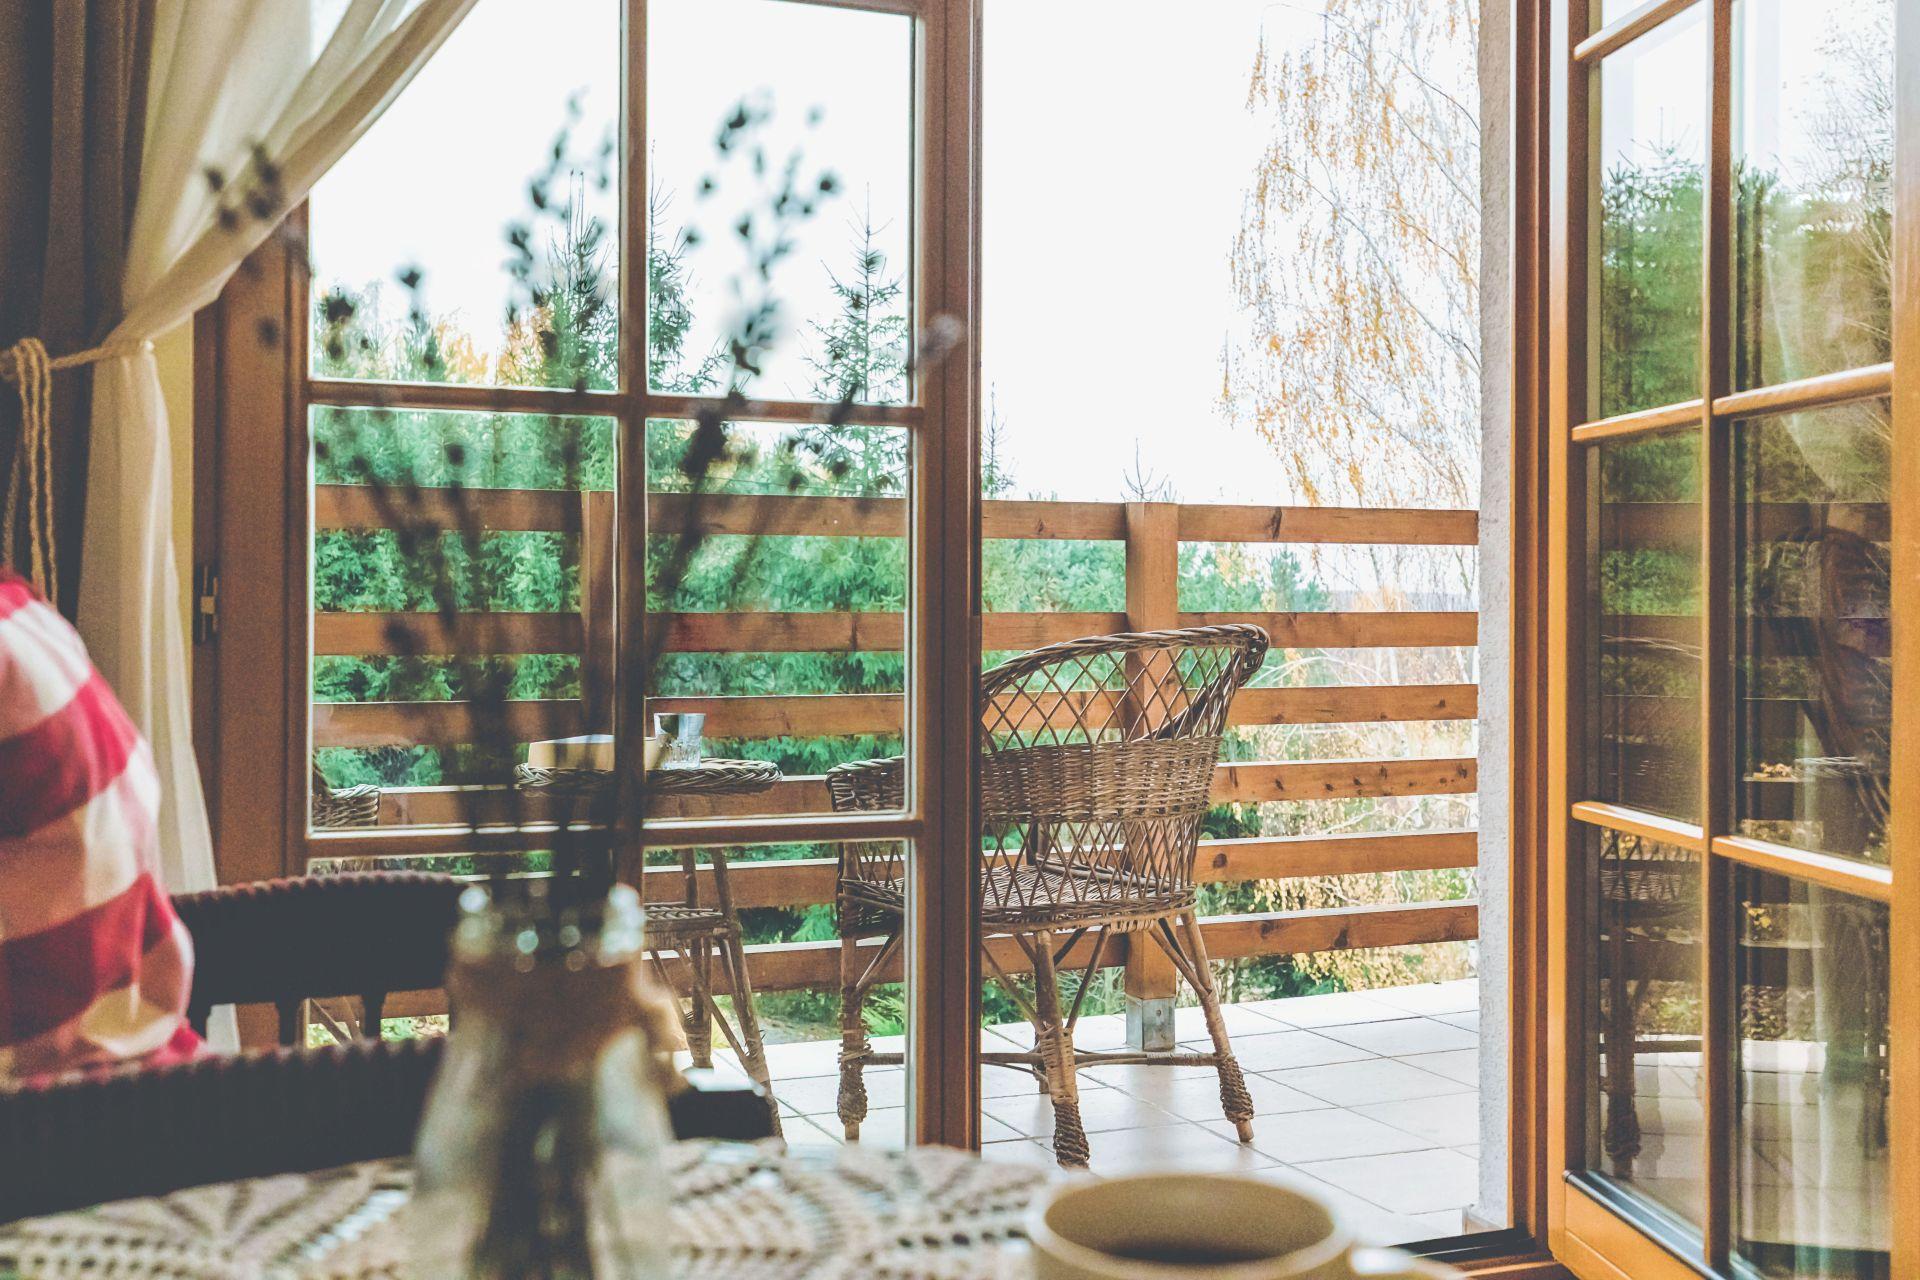 Pokój Przyjemność balkon